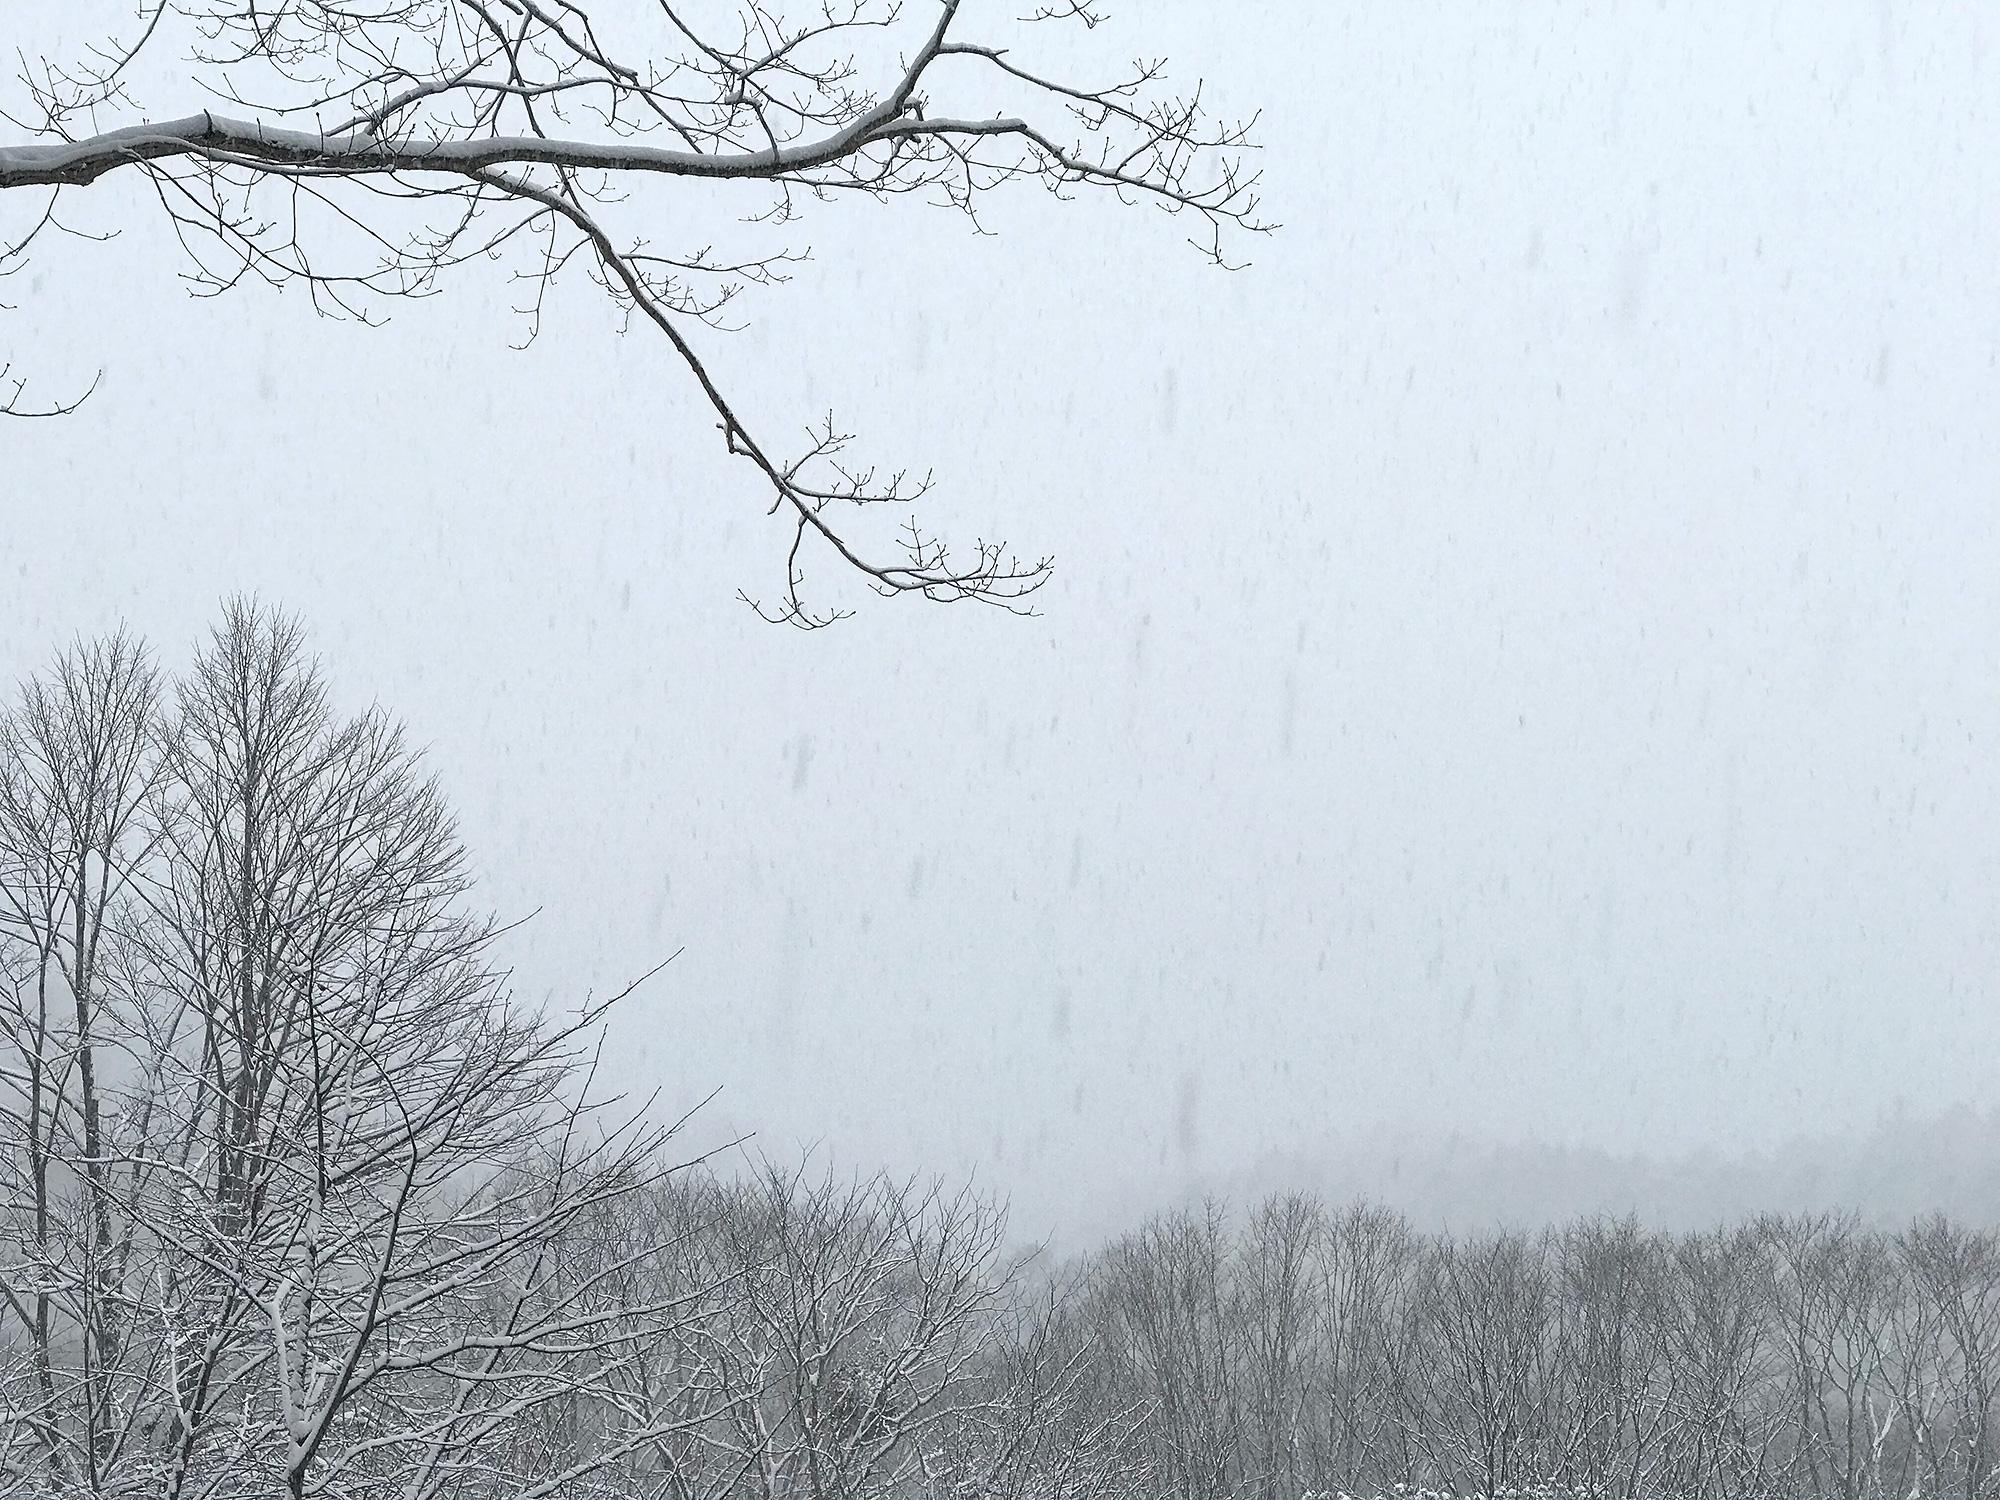 森に降る雪の写真の無料画像素材